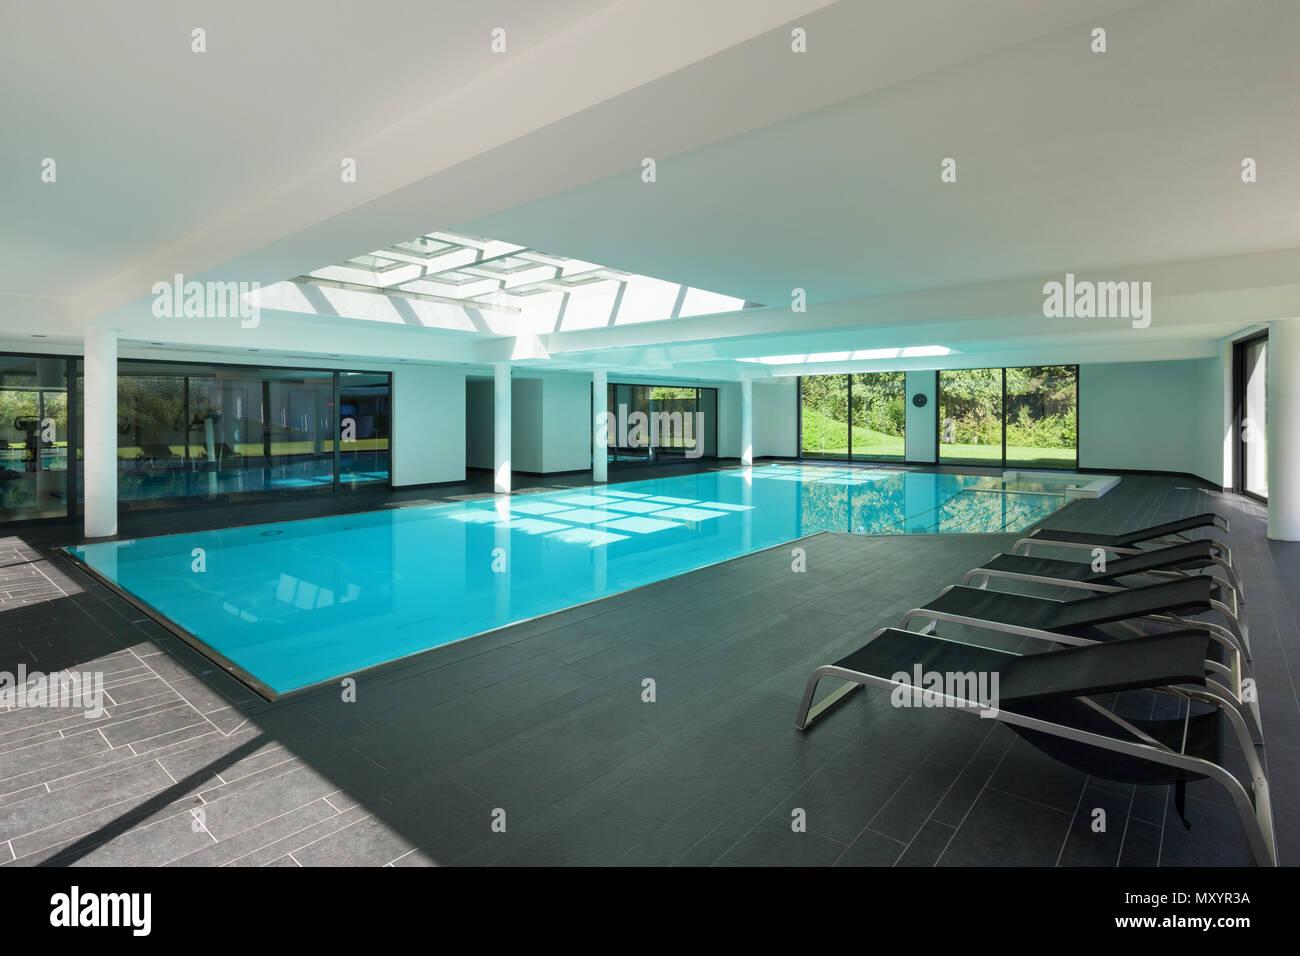 Piscina interna di una casa moderna con spa Foto & Immagine Stock ...